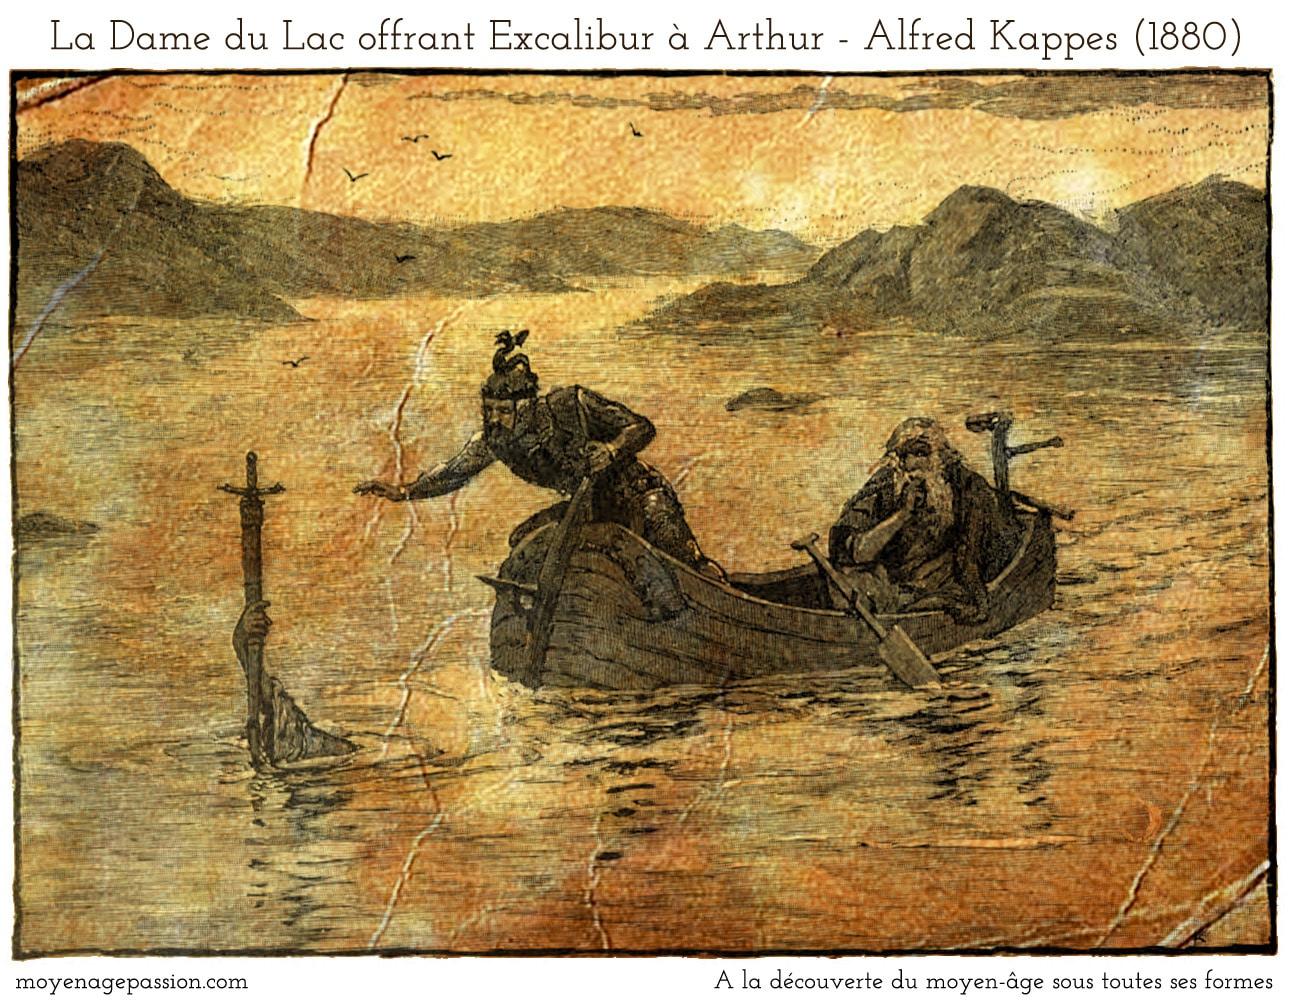 legendes_arthuriennes_epee_dame_du_lac_merlin_excalibur